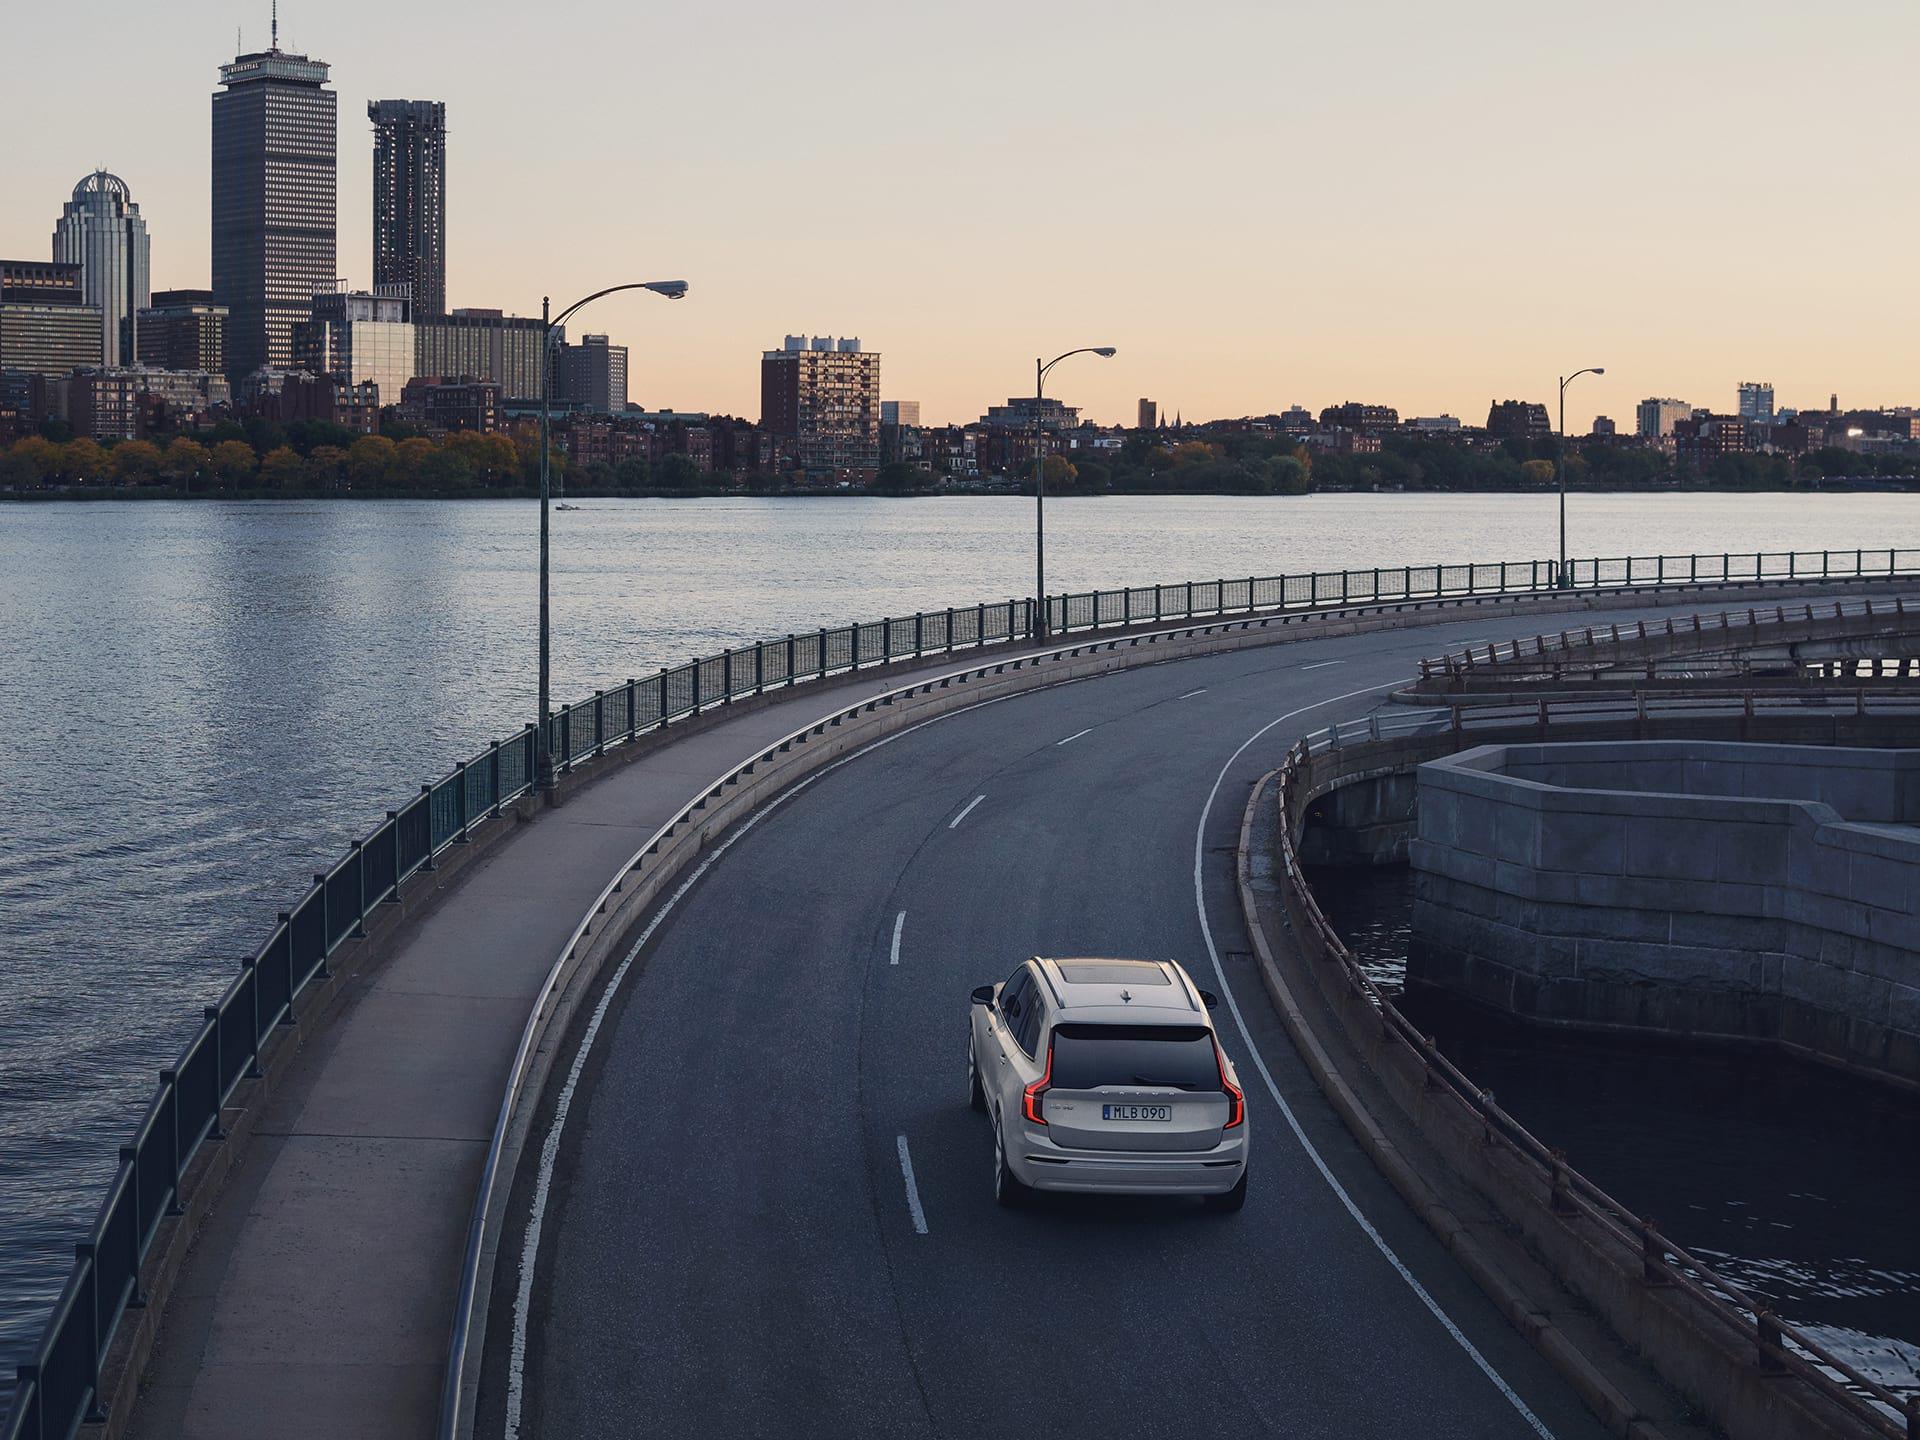 Volvo XC90 līkumā pie upes.